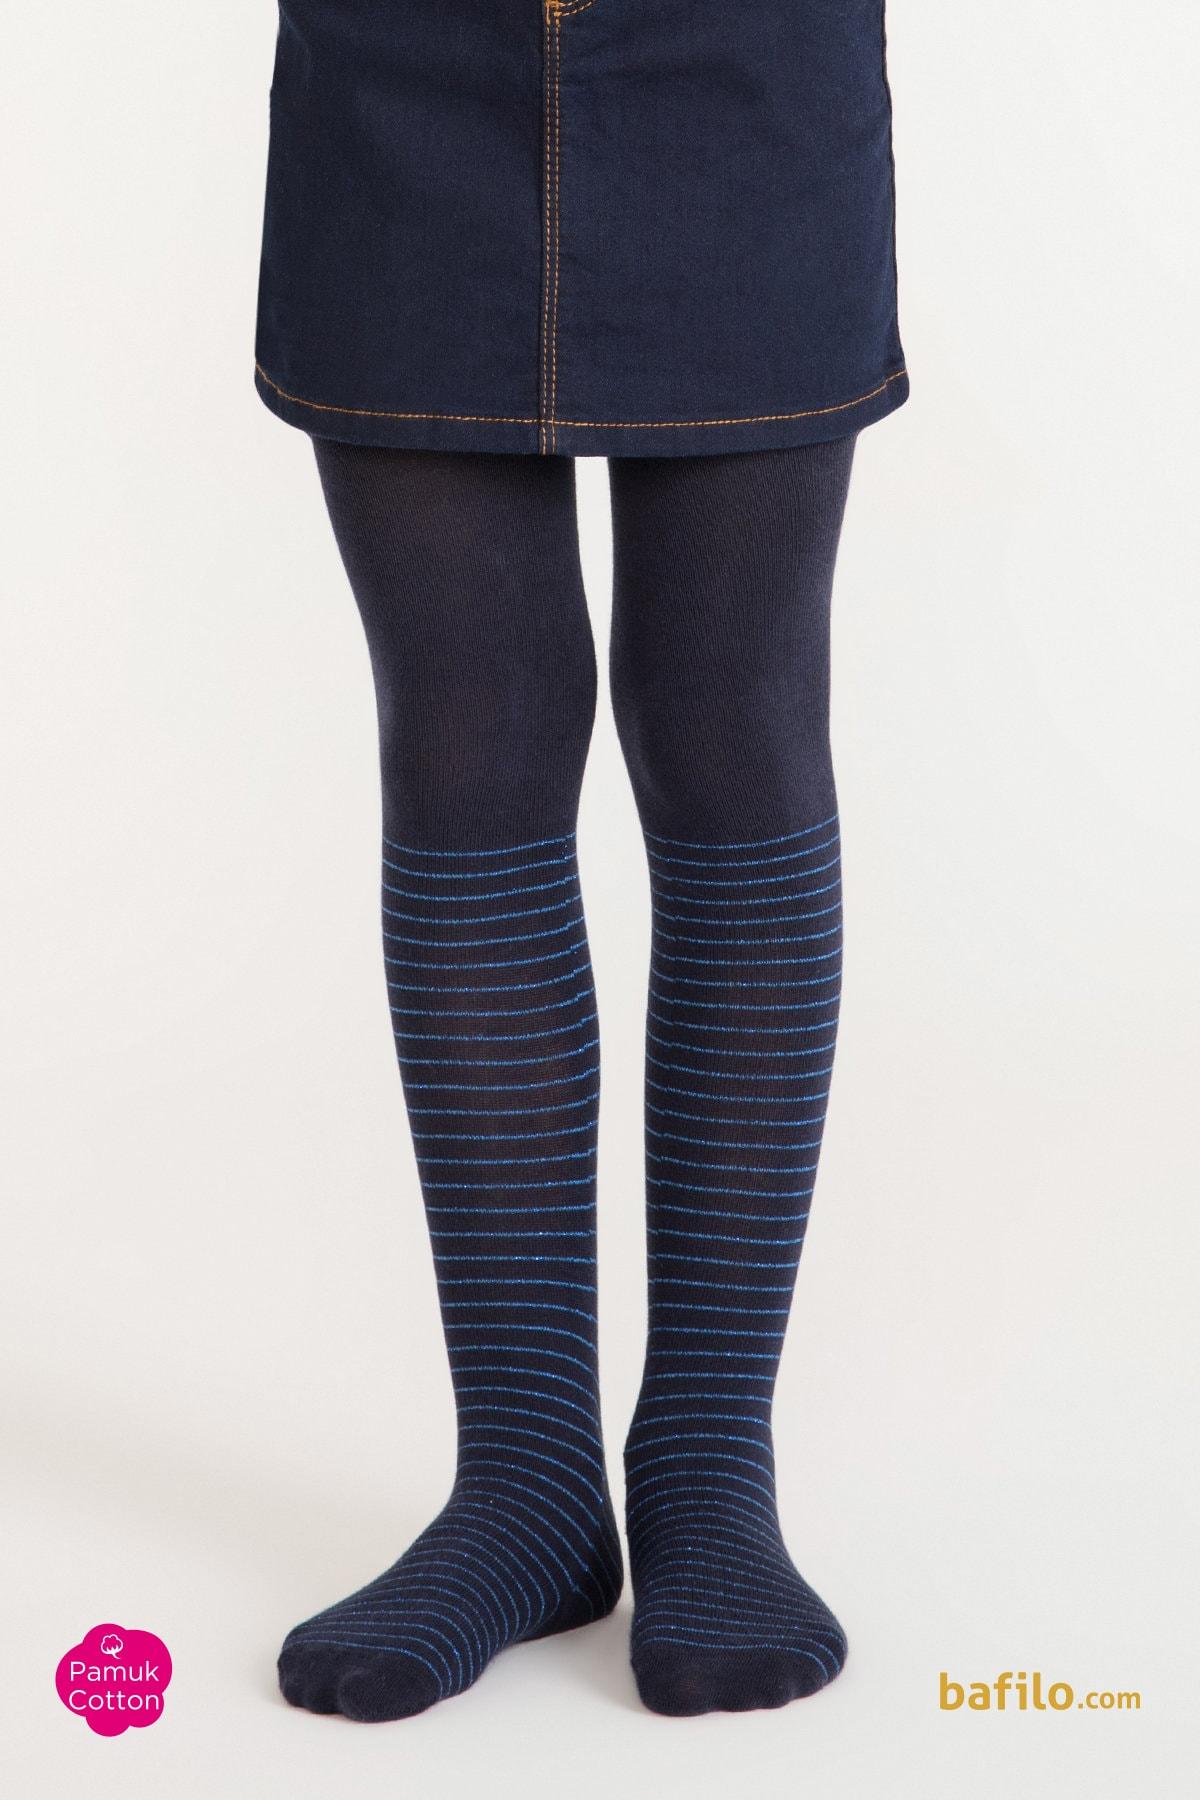 پنتی | Penti - جوراب شلواری طرح دار دخترانه پنتی Crystal سرمه ای